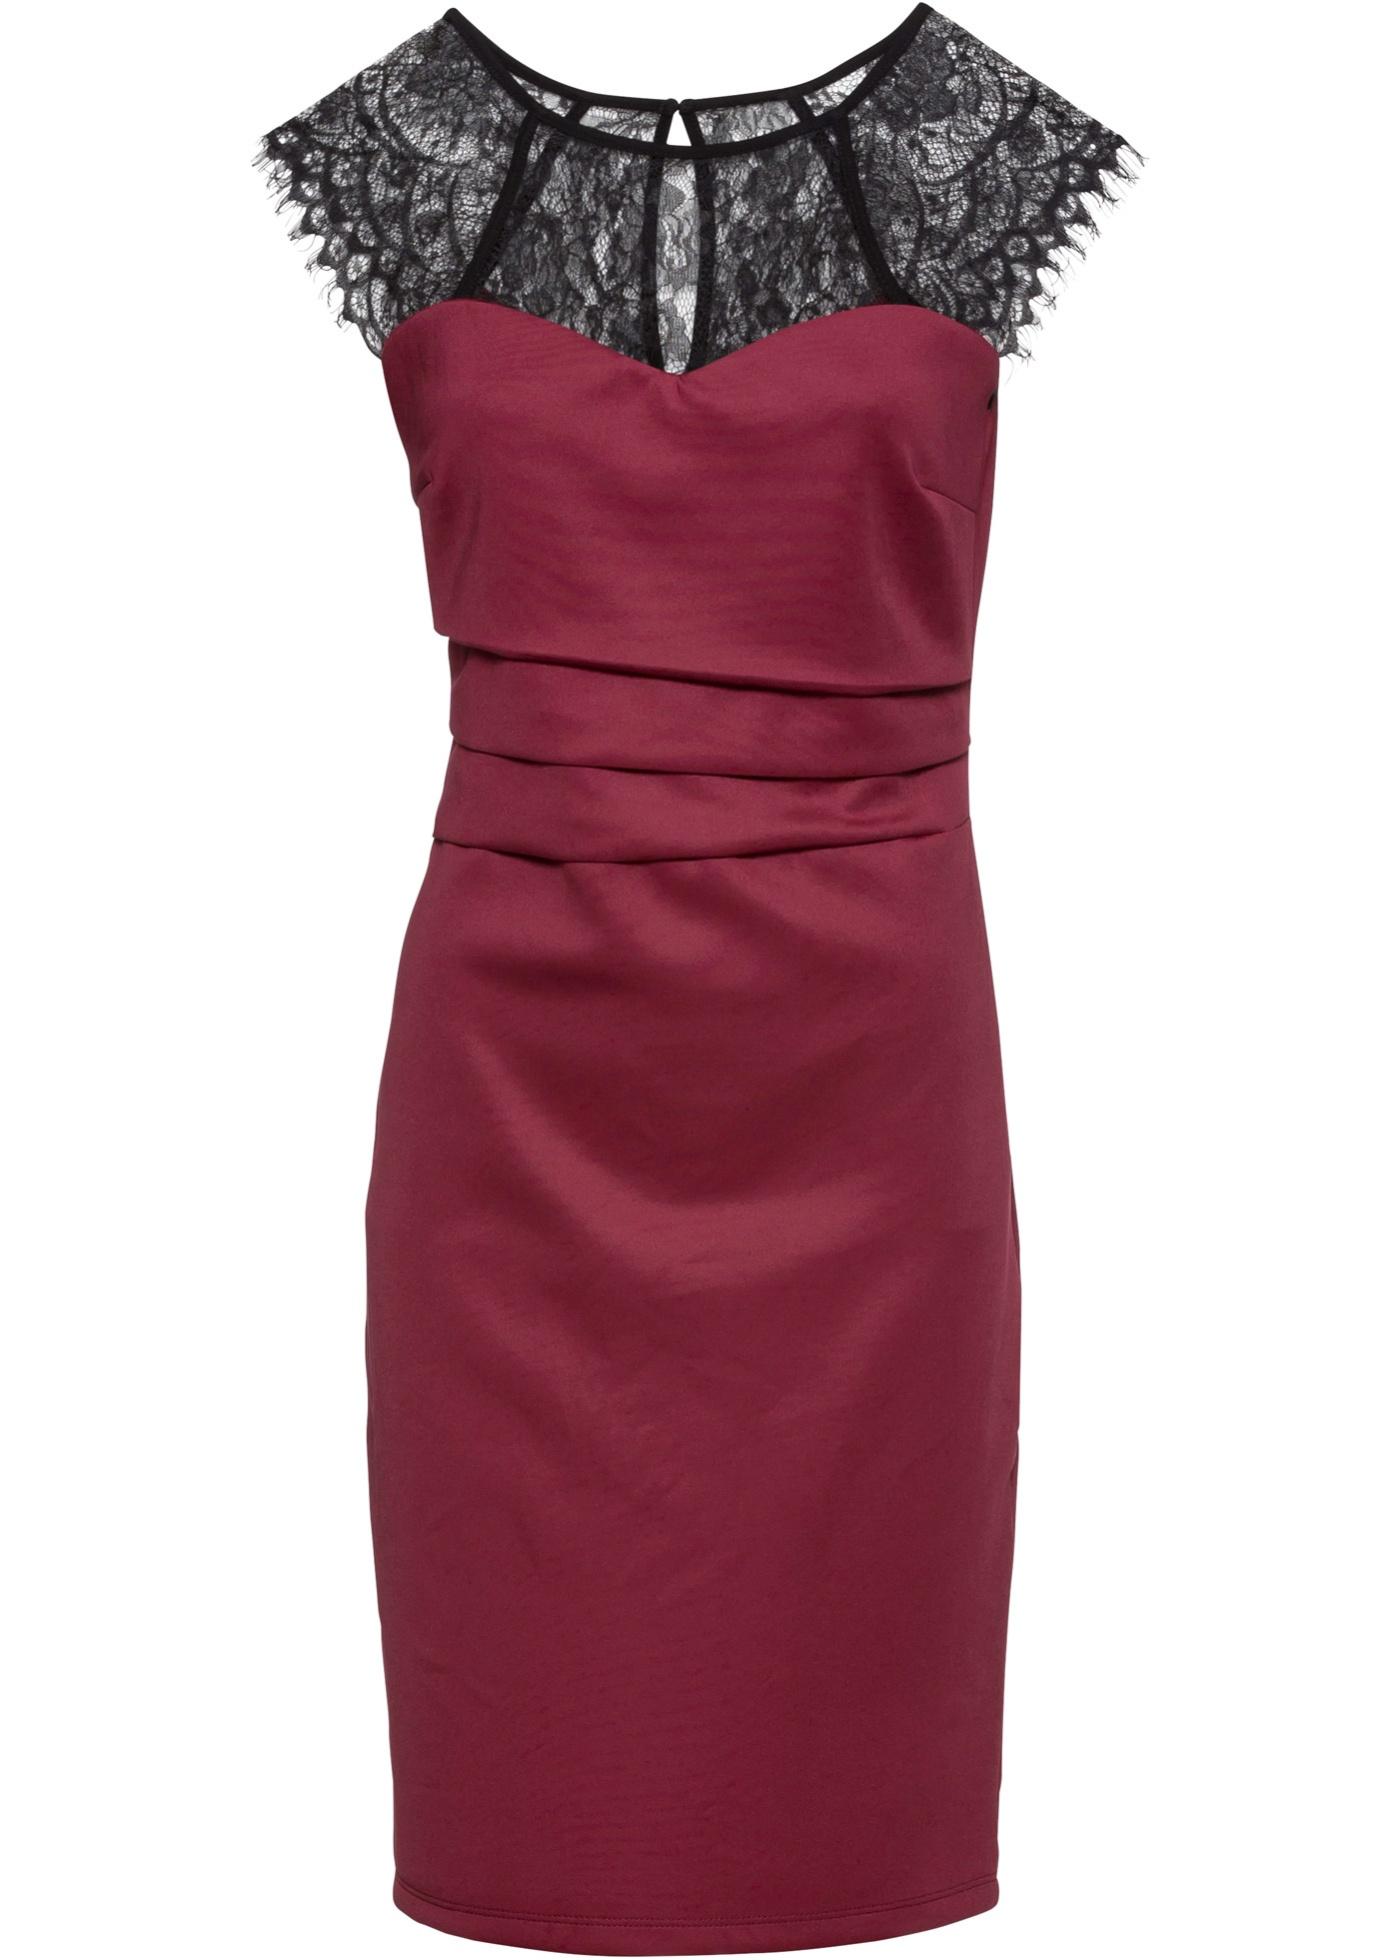 Fourreau Rouge Sans D'été Femme Boutique BonprixRobe Pour Bodyflirt Manches TlF5uc31KJ